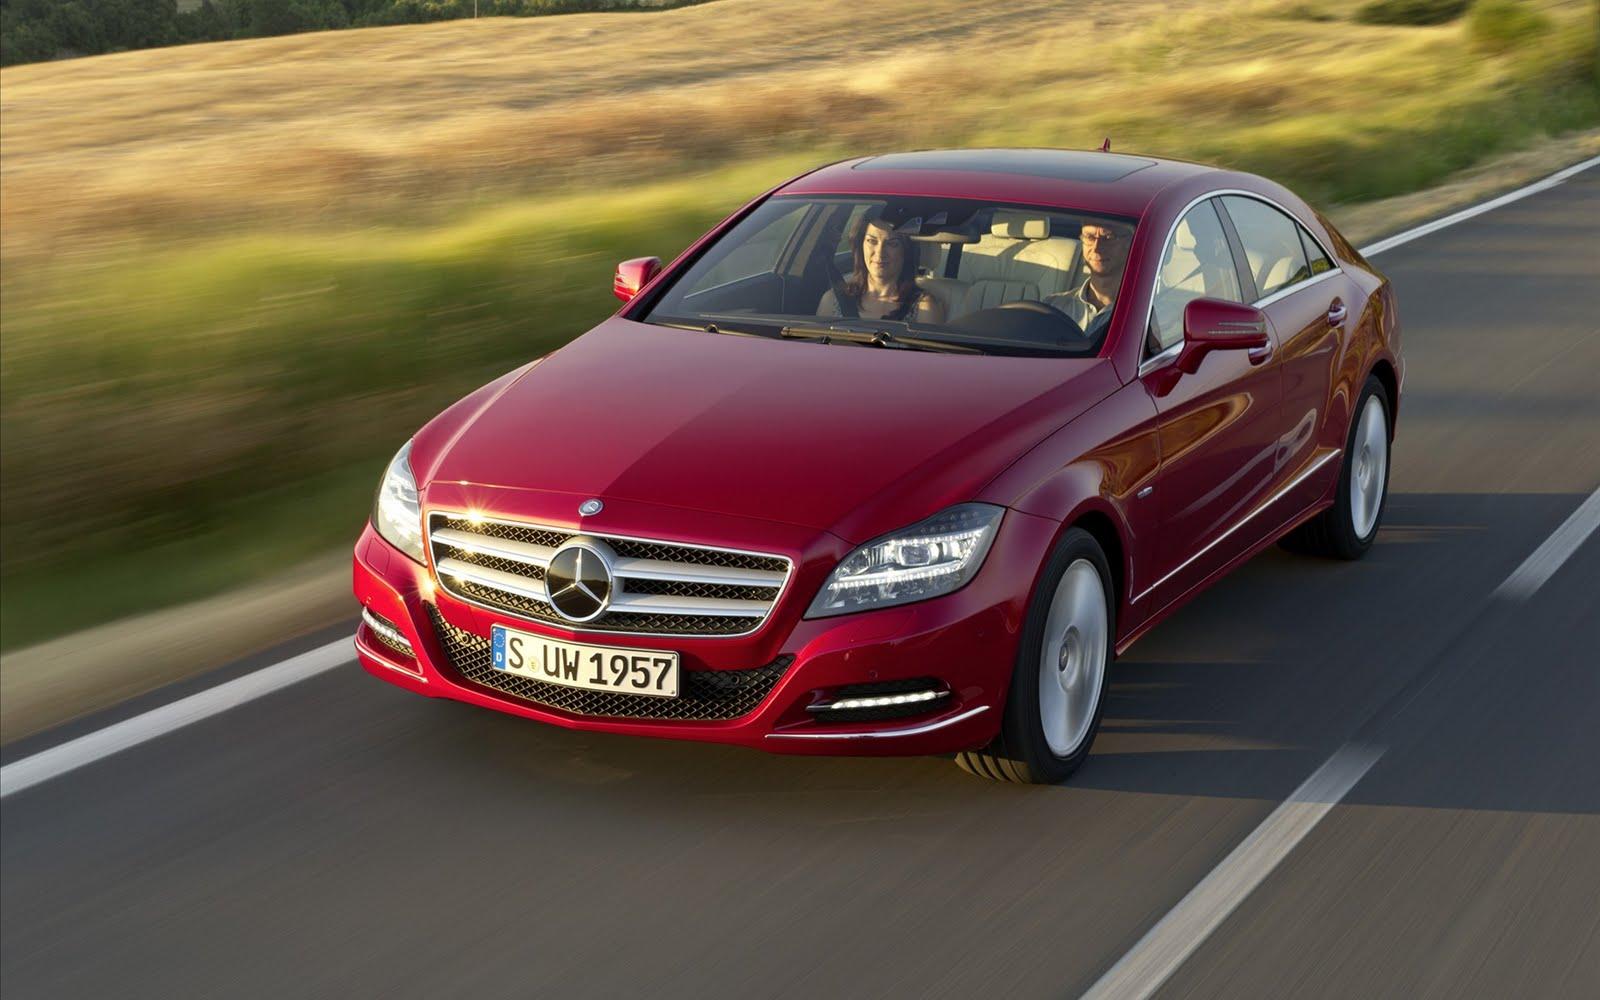 Mercedes benz cls550 2012 car wallpaper car pictures for 2012 mercedes benz cls 550